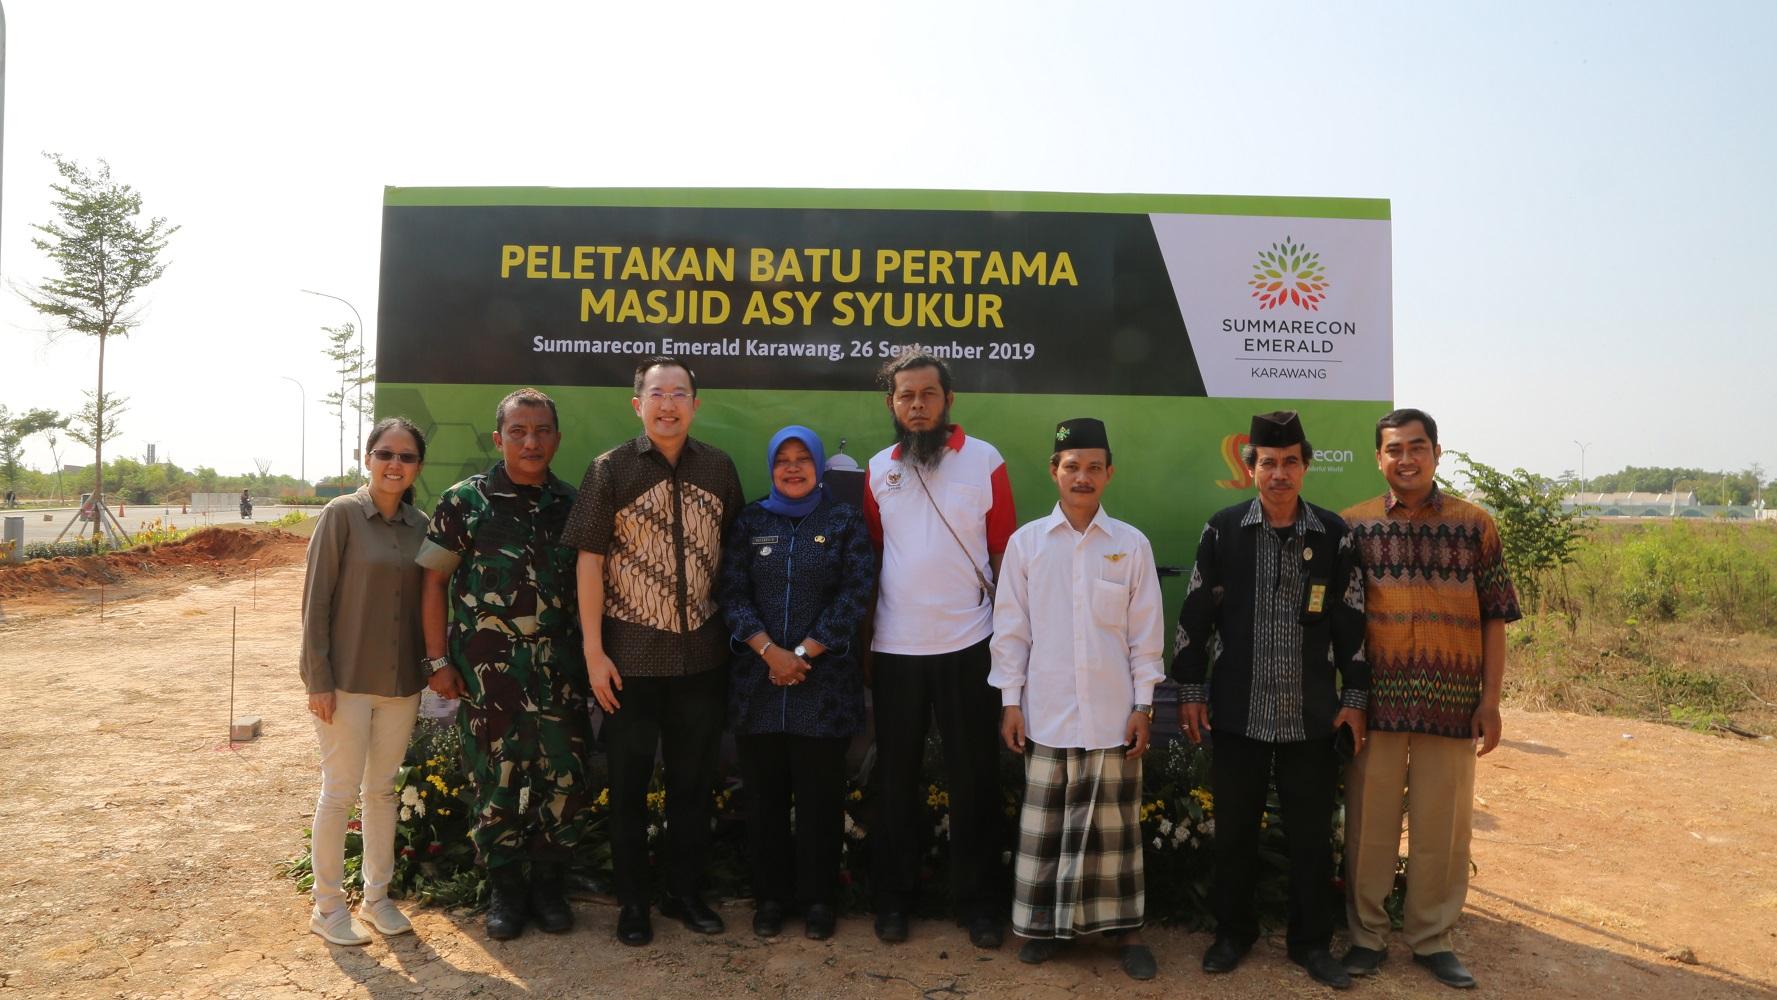 Peletakan Batu Pertama Masjid Asy Syukur, Summarecon Emerald Karawang